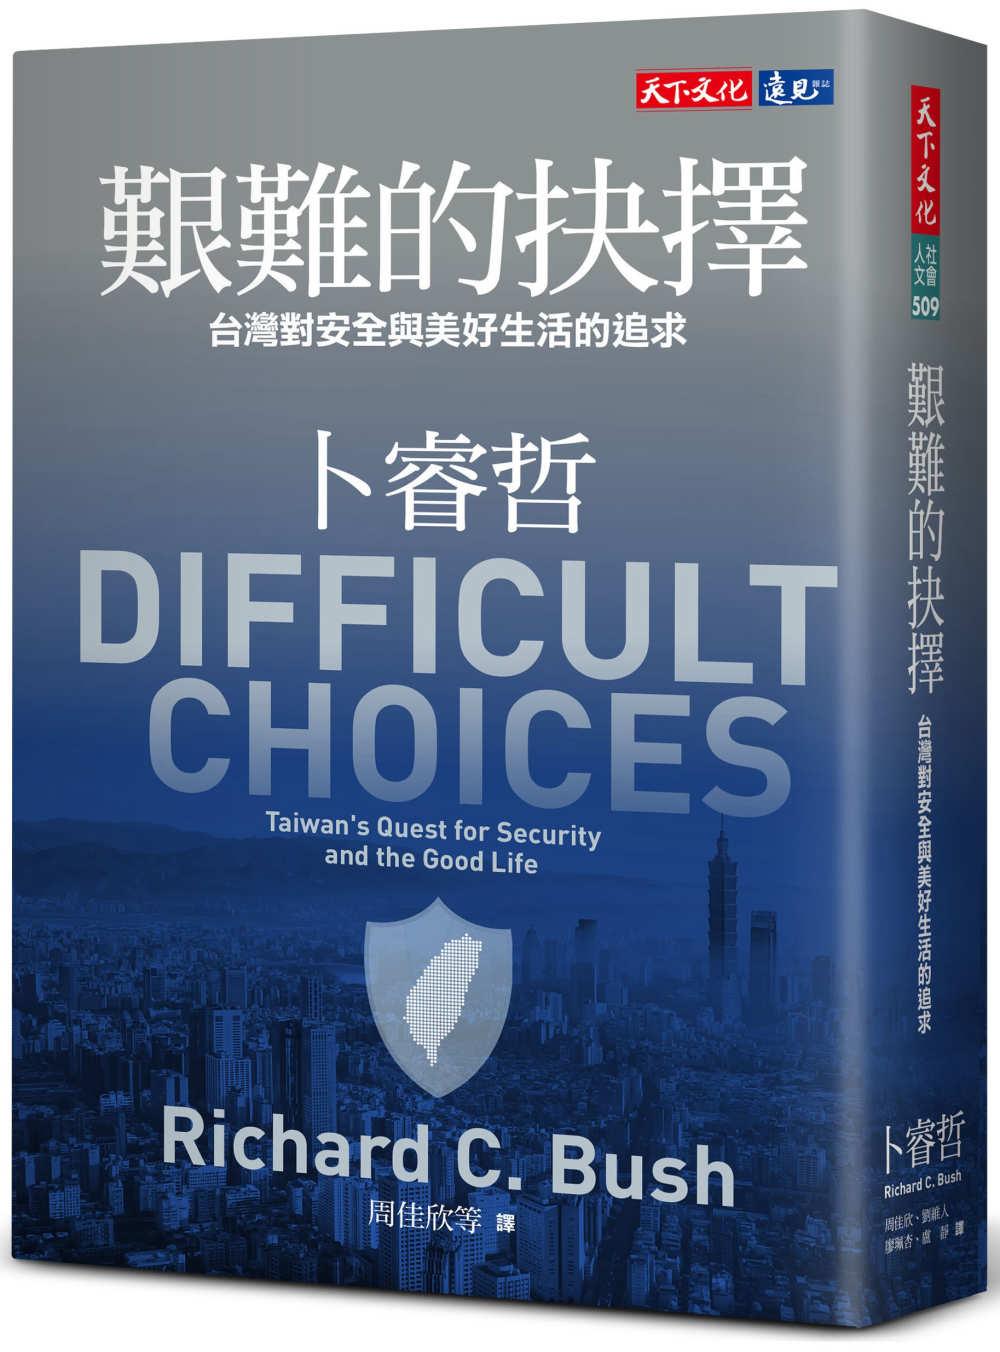 艱難的抉擇:台灣對安全與美好生...